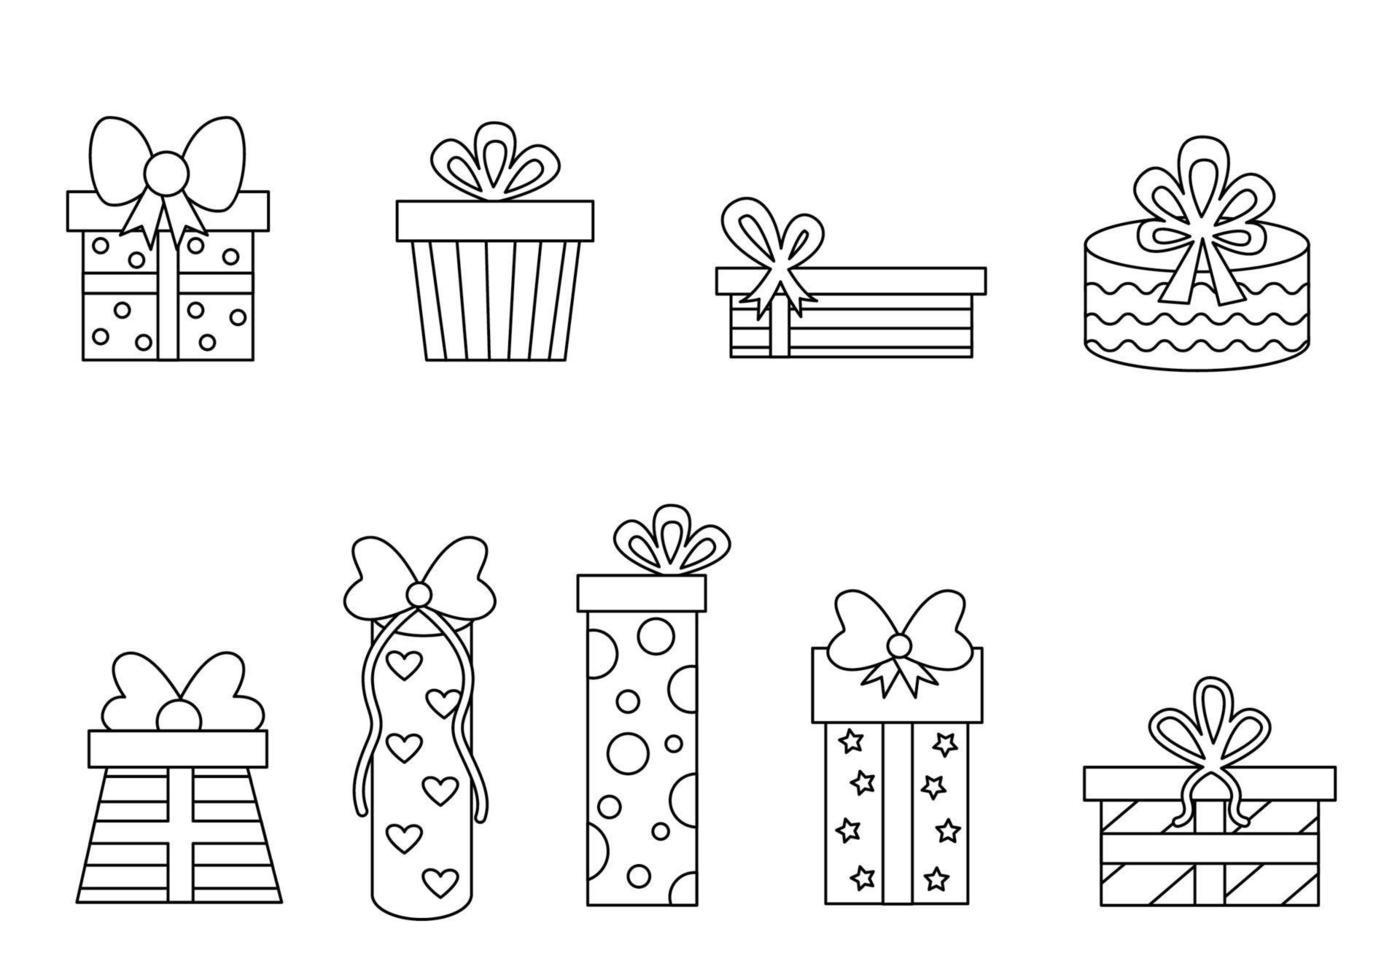 regali di colore bianco e nero. pagina da colorare per bambini. vettore